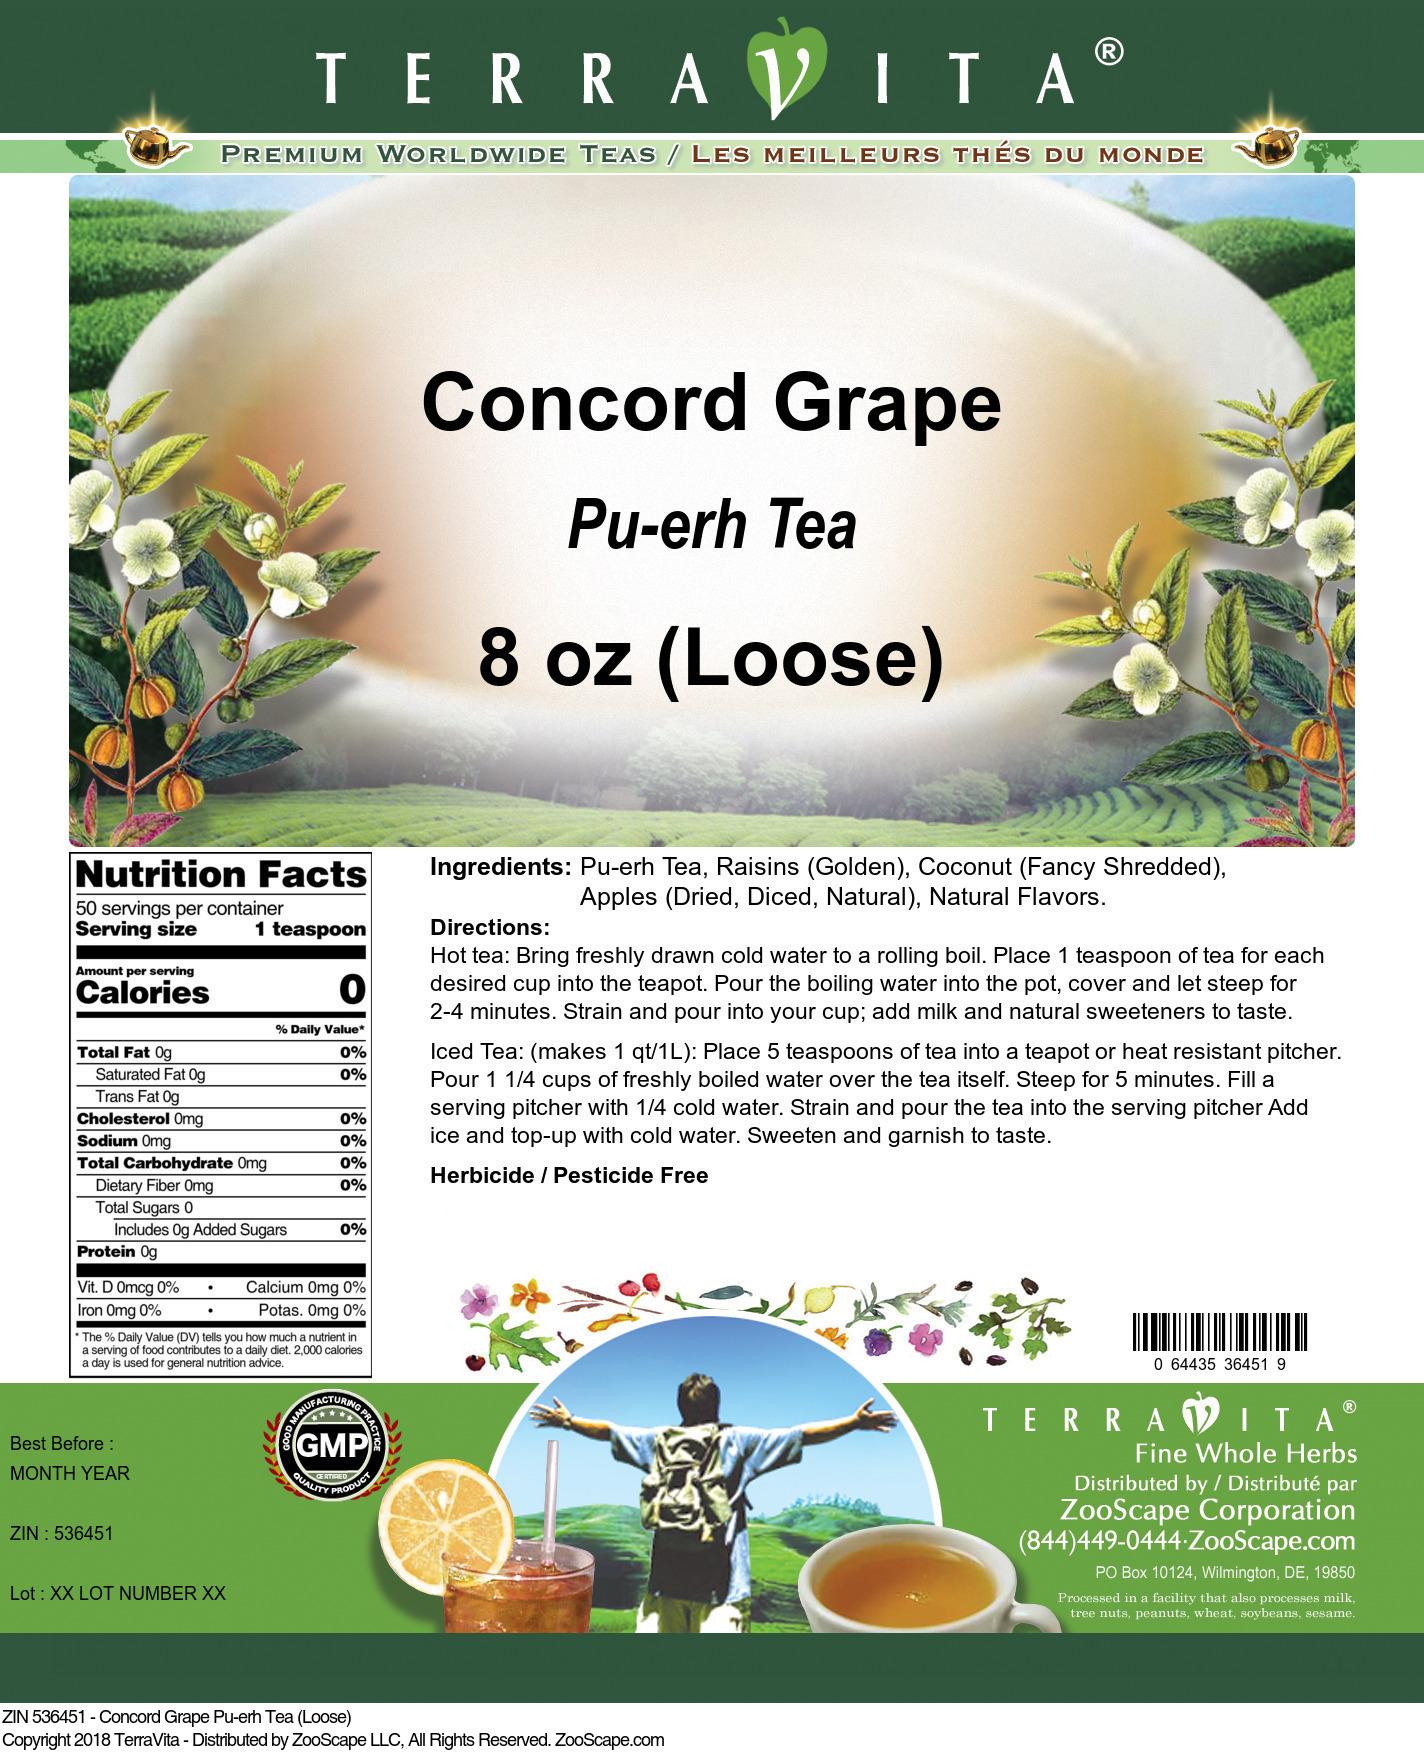 Concord Grape Pu-erh Tea (Loose)